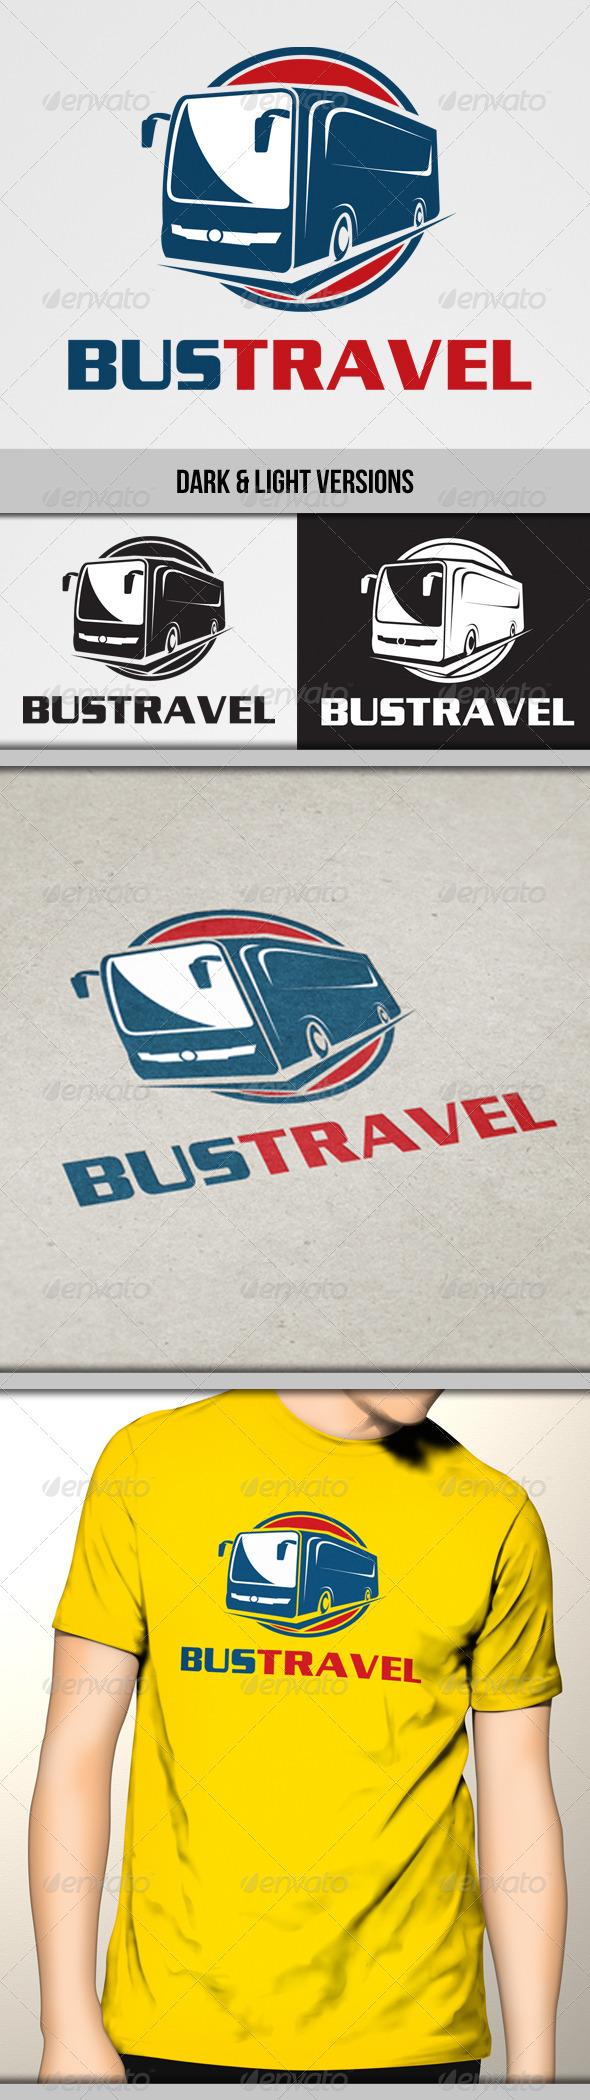 GraphicRiver Bus Travel Logo 5127684